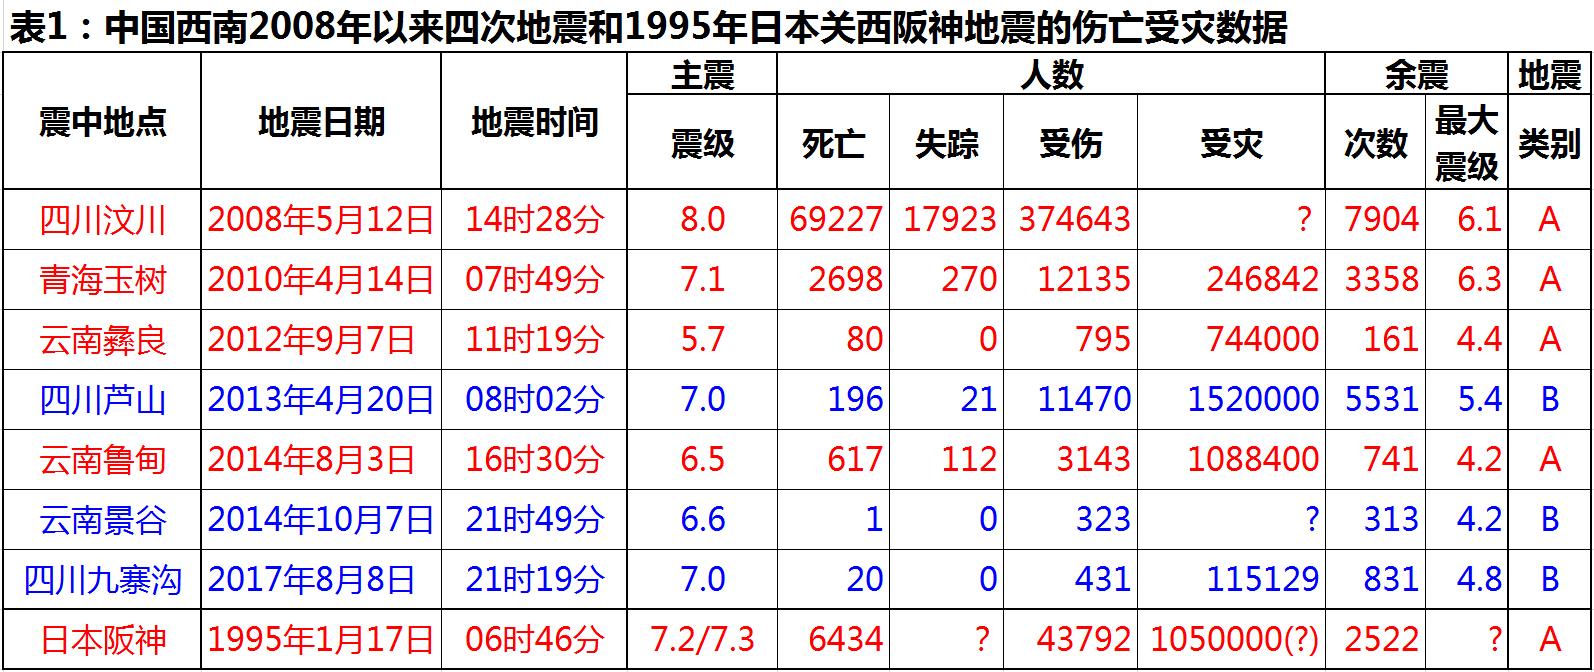 Table1-Osaka.png